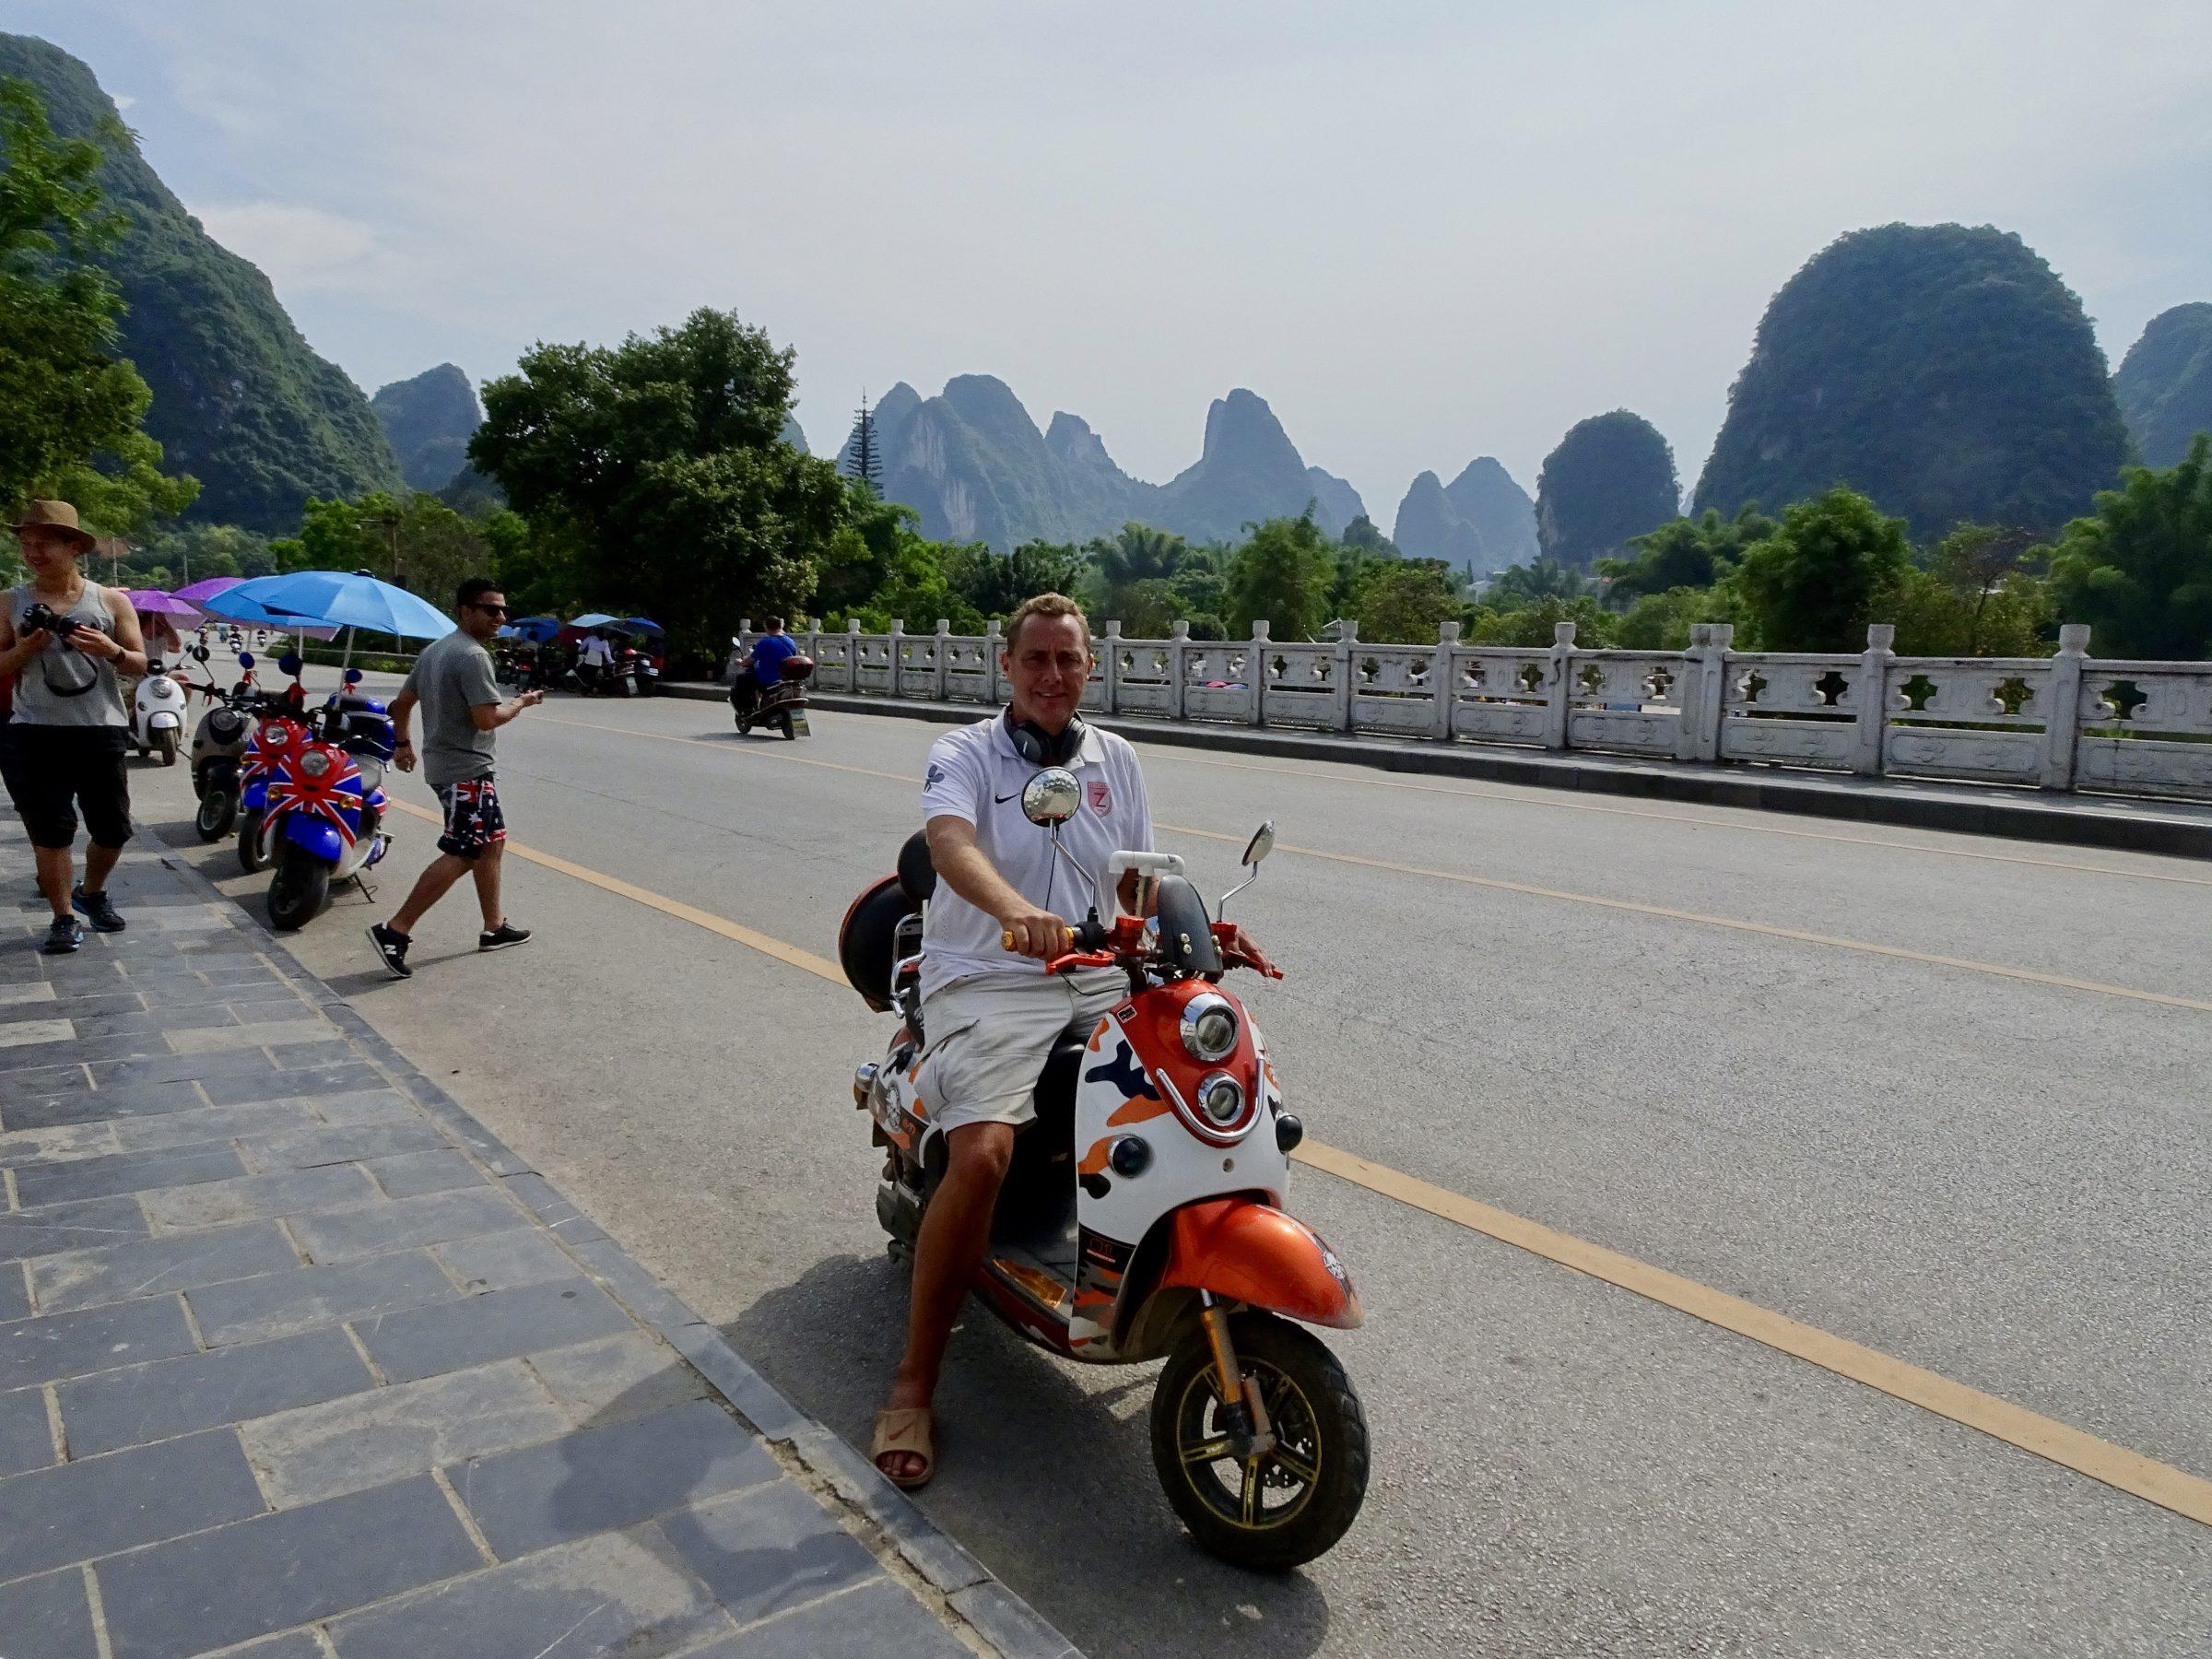 Op een elektrische scooter bij de krijtsteenrotsen van Yangshuo